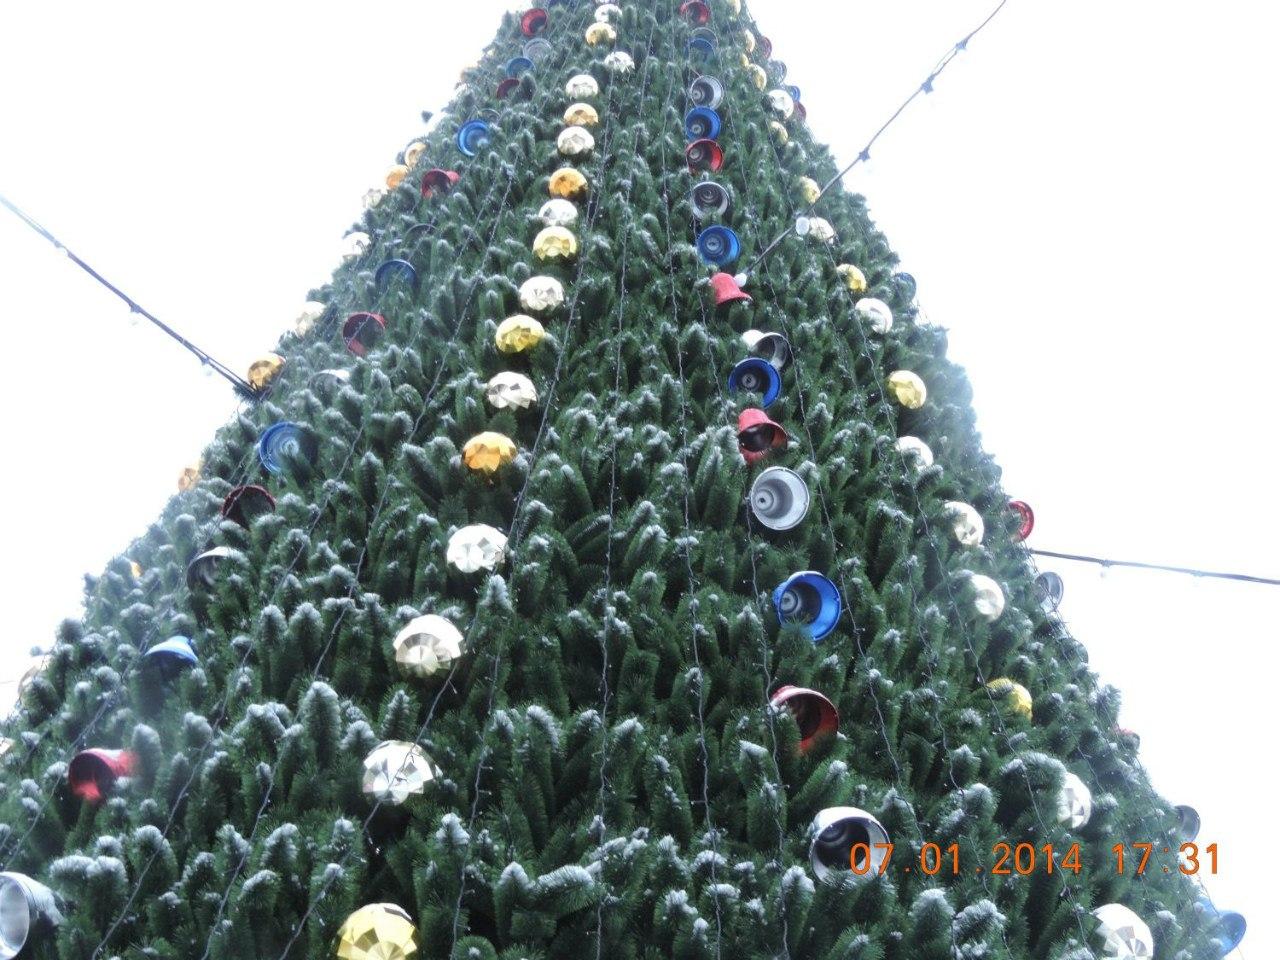 Главная елка крупным планом (17.01.2014)